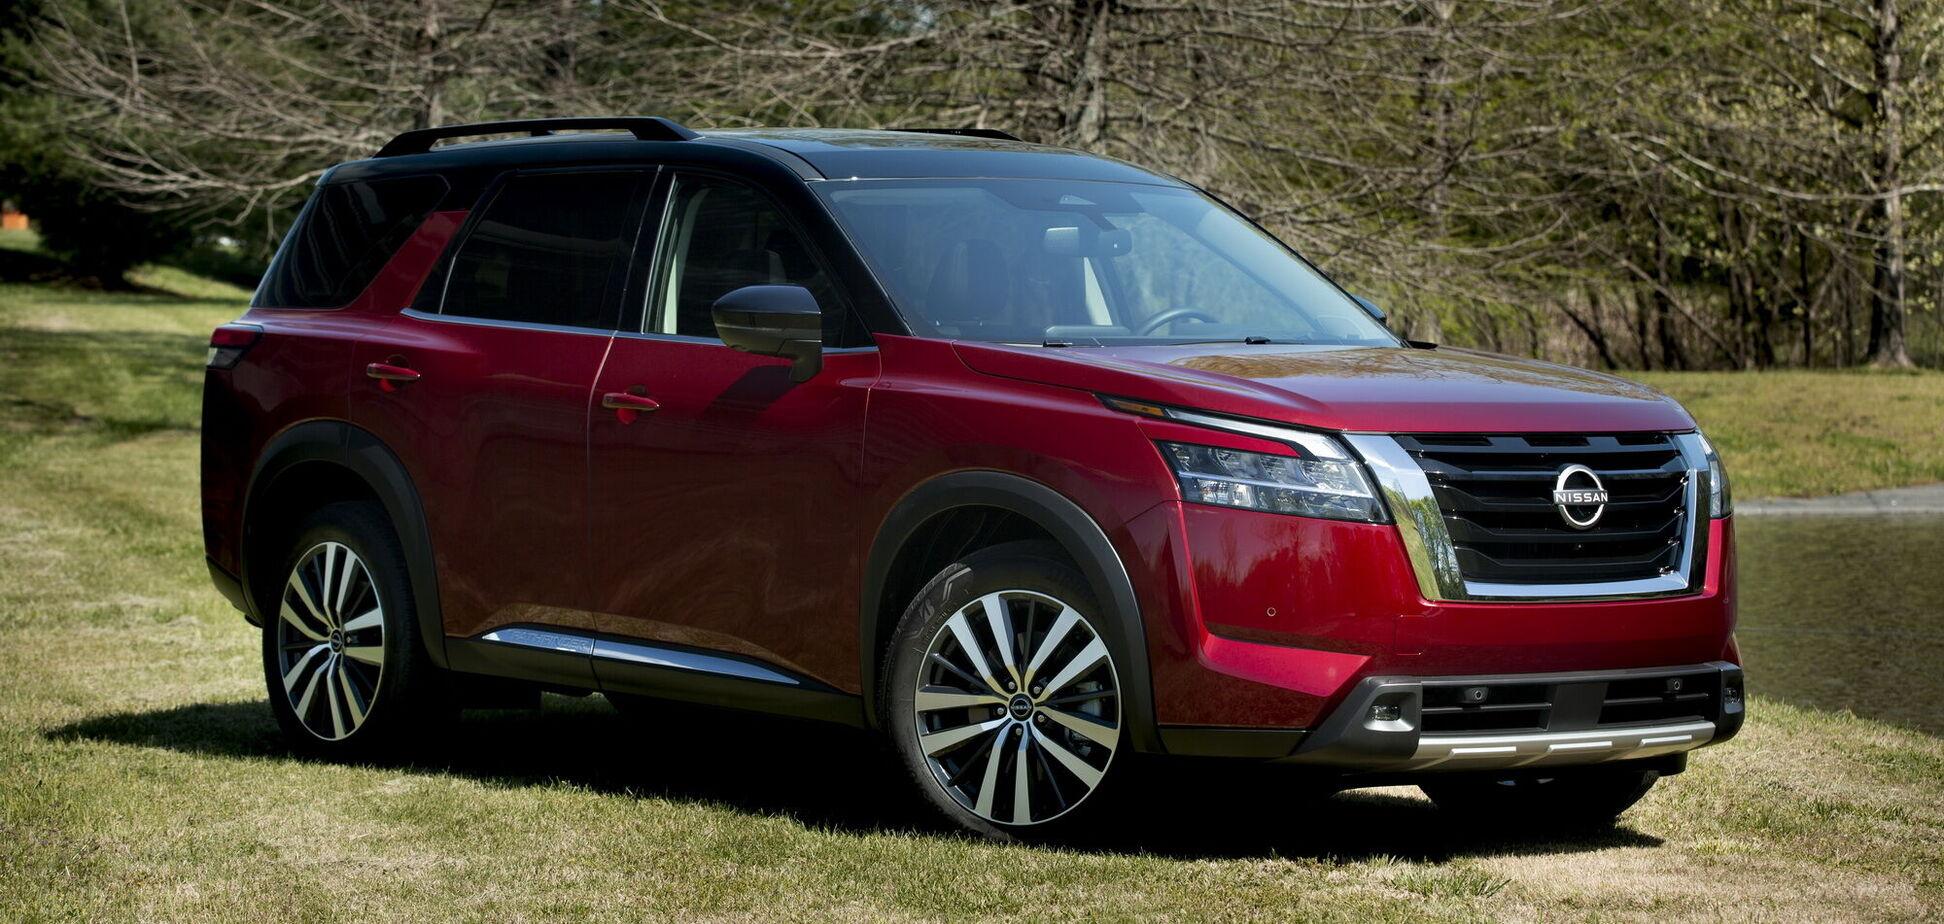 Новый Nissan Pathfinder отправился на конвейер